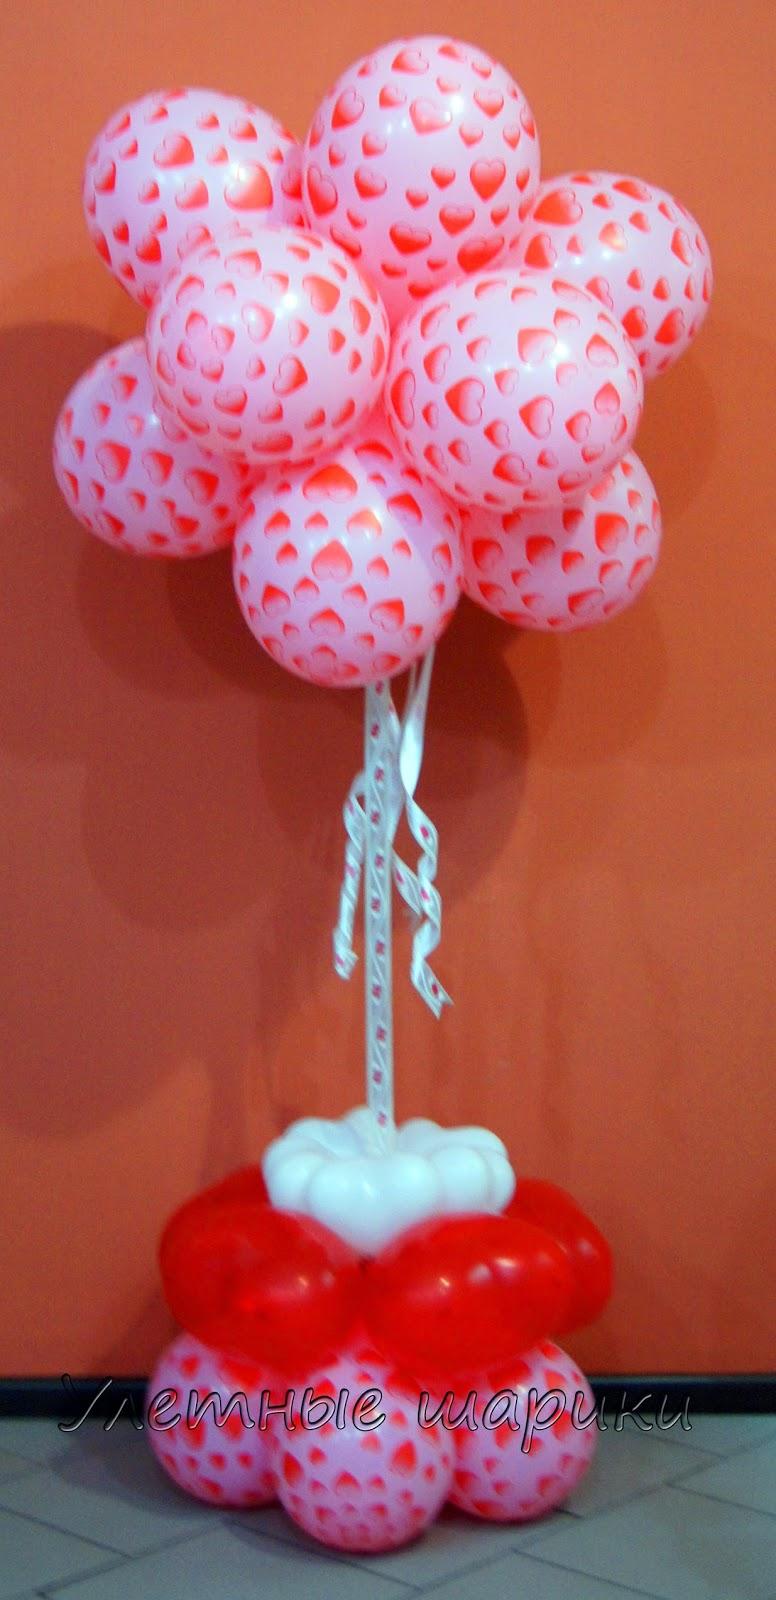 Облачко из воздушных шаров с сердечками